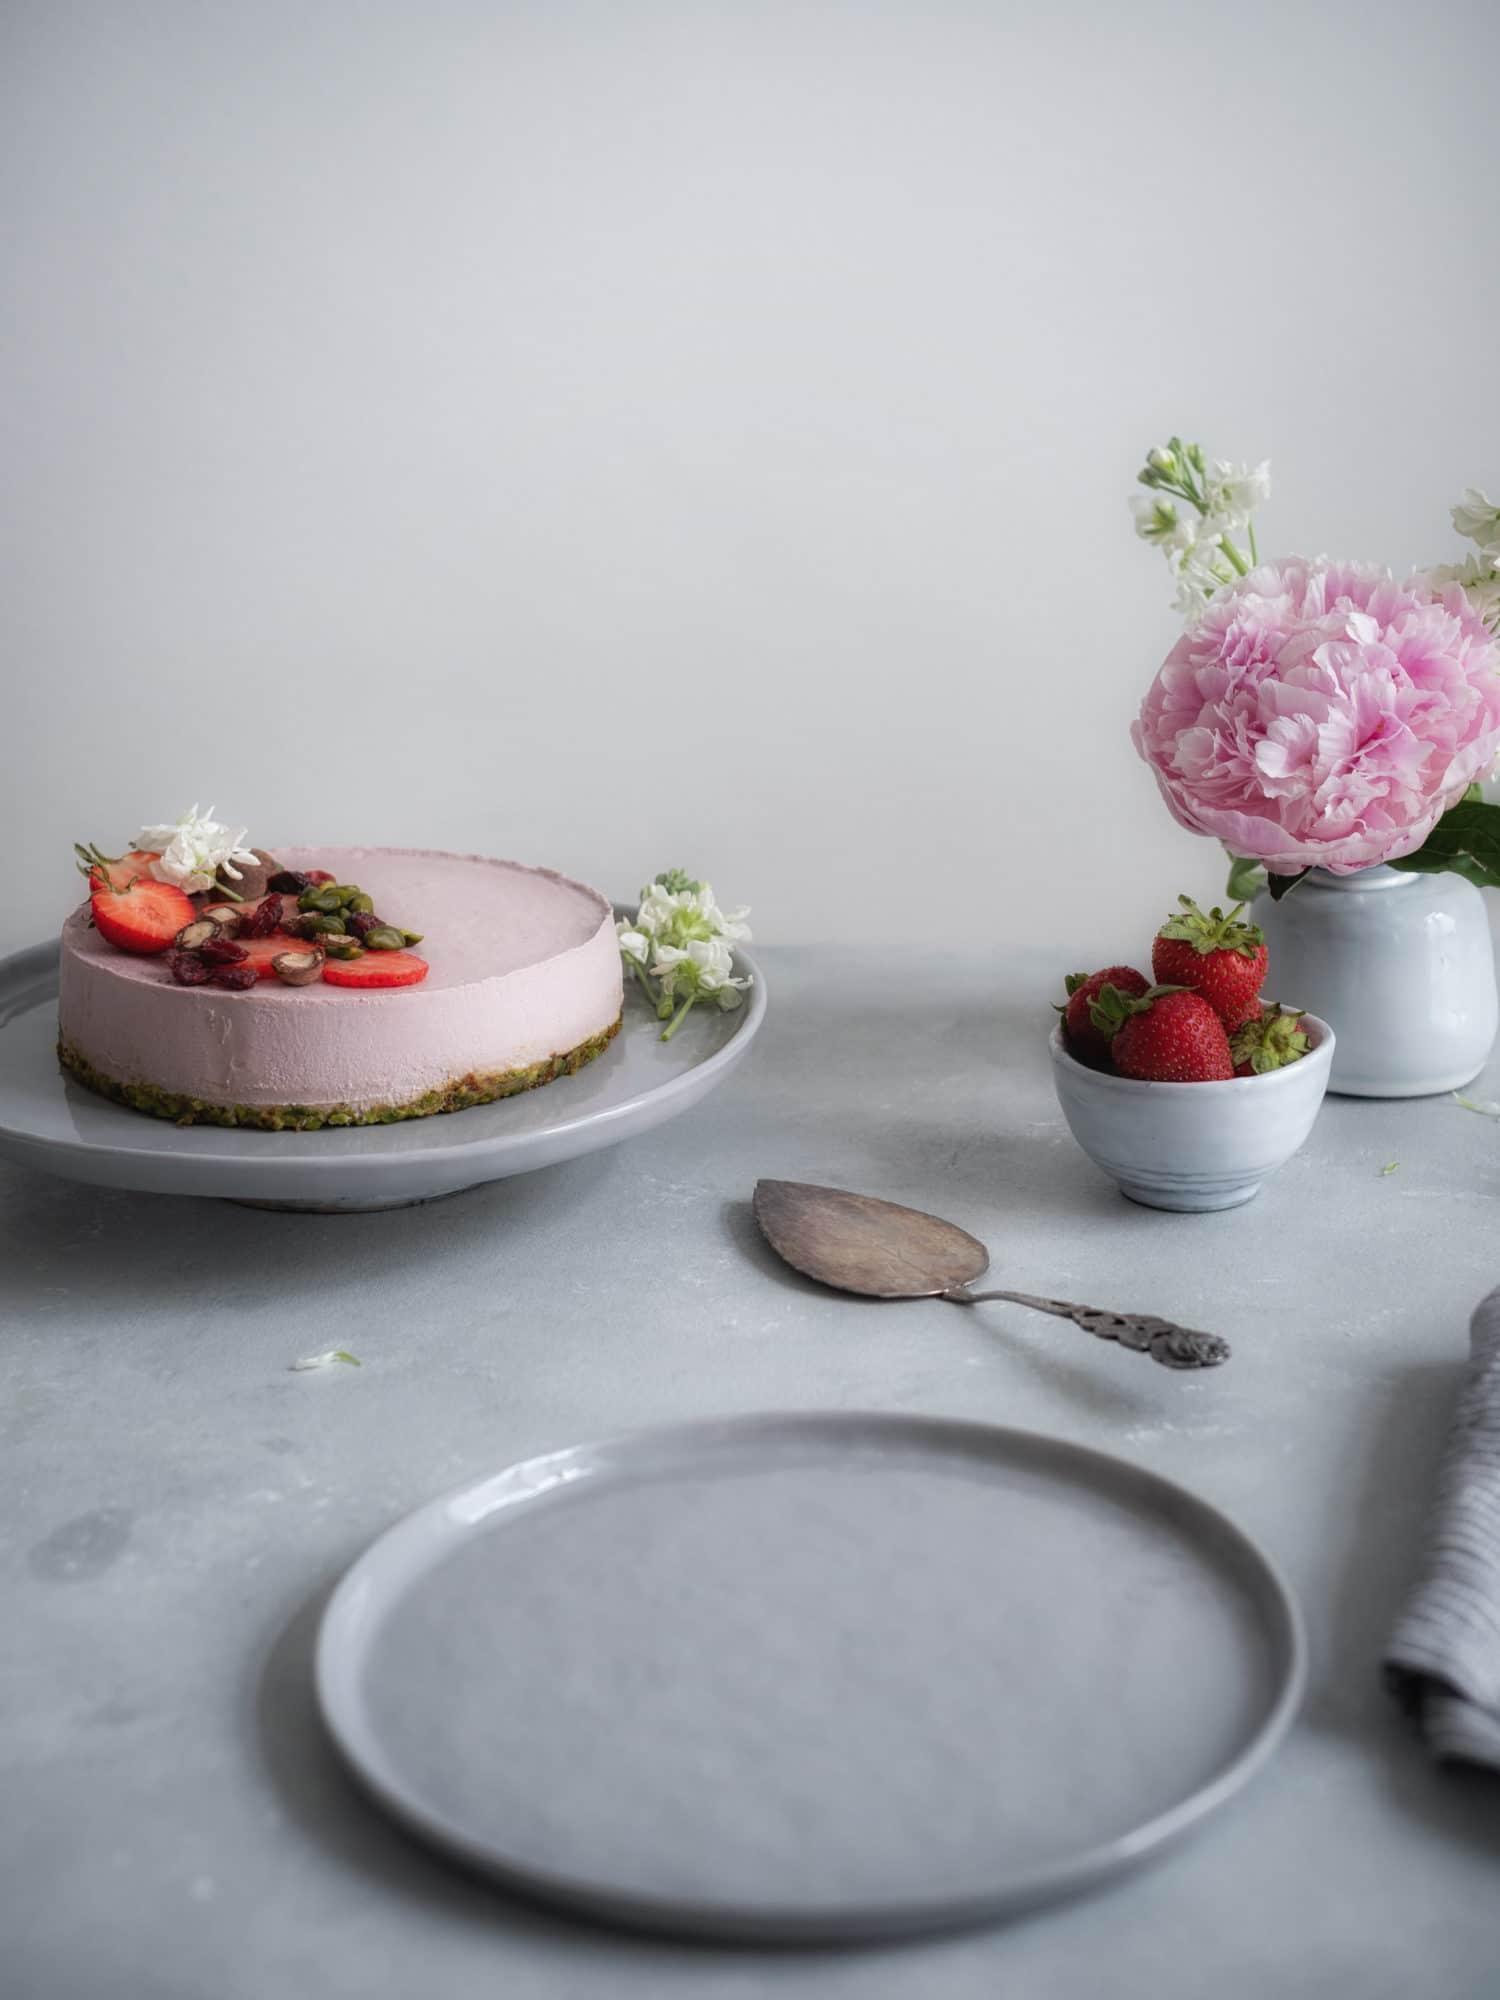 Vegane Eistorte mit Erdbeeren. Gedeckter Tisch.